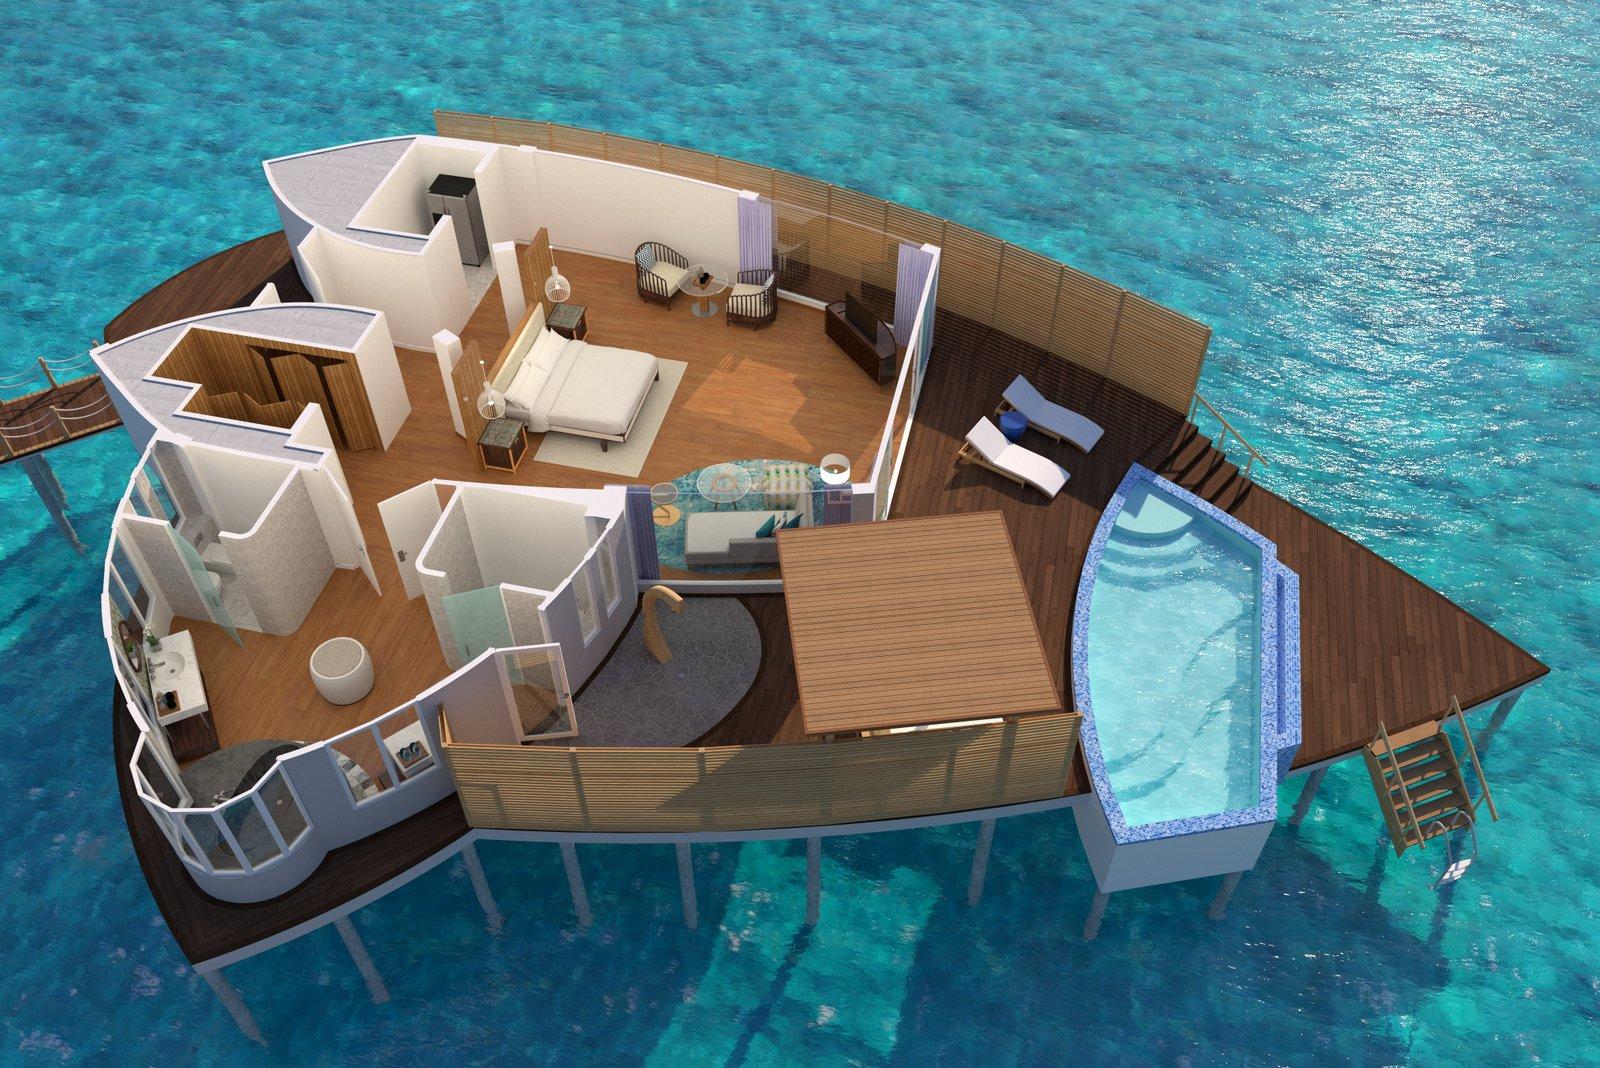 Мальдивы, отель JW Marriott Maldives Resort, план-схема номера Over Water Pool Villa